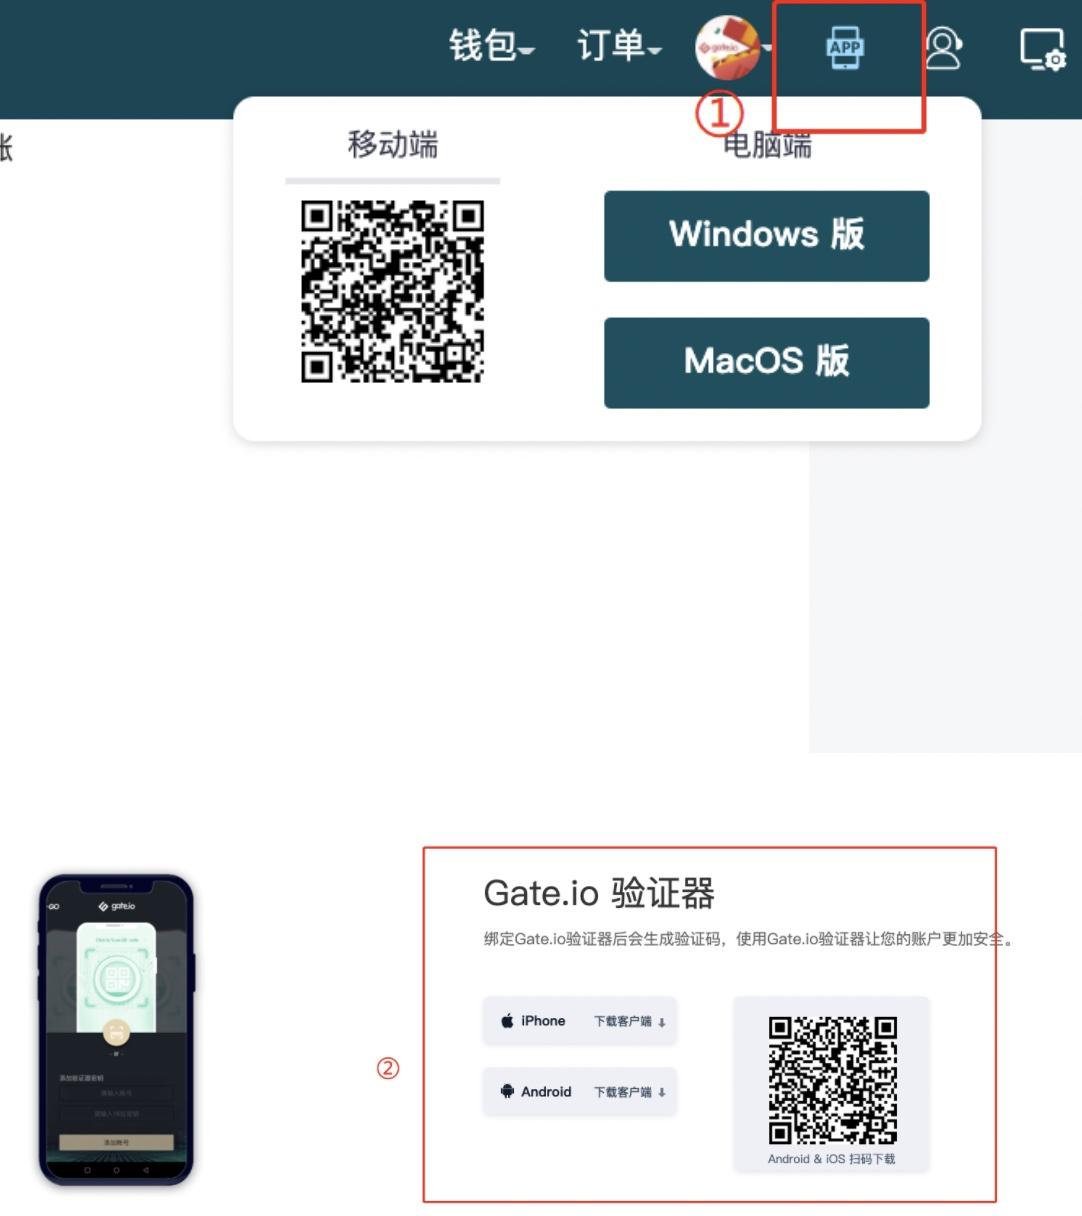 Gate.io比特儿交易所将调整短信通知服务公告插图4